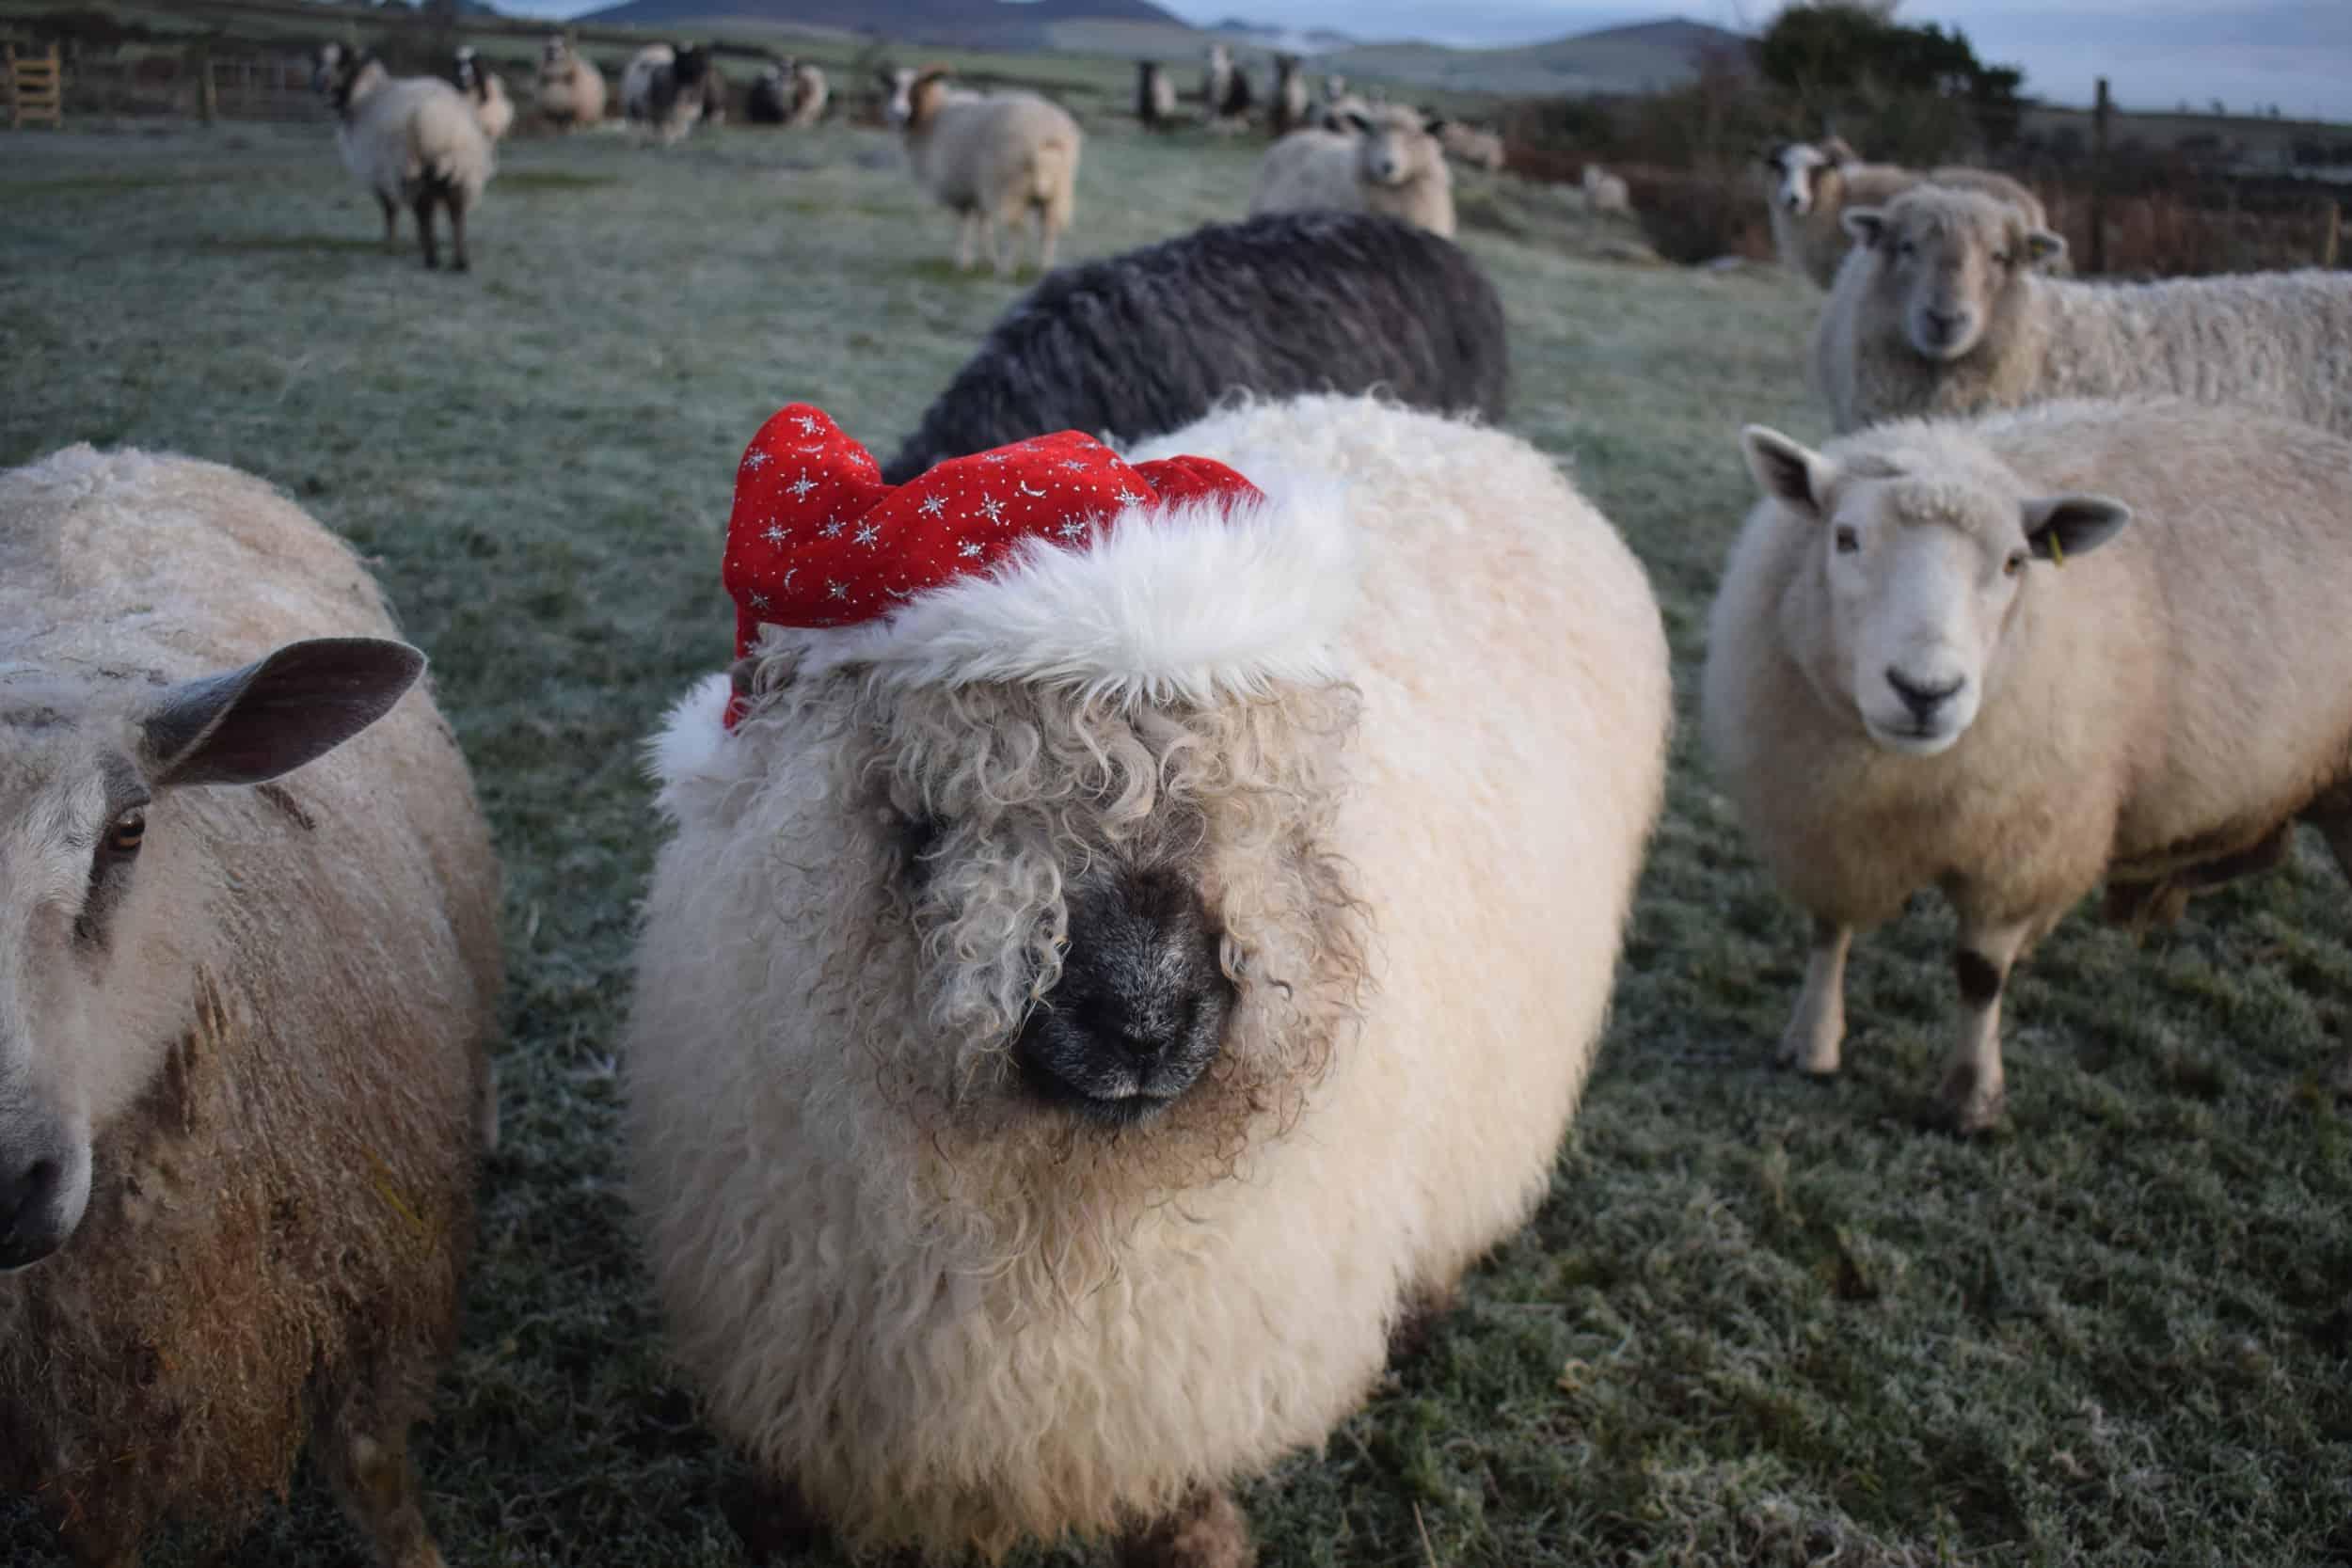 Nora sheep santa hat valais blacknose cross greyface dartmoor christmas woolly